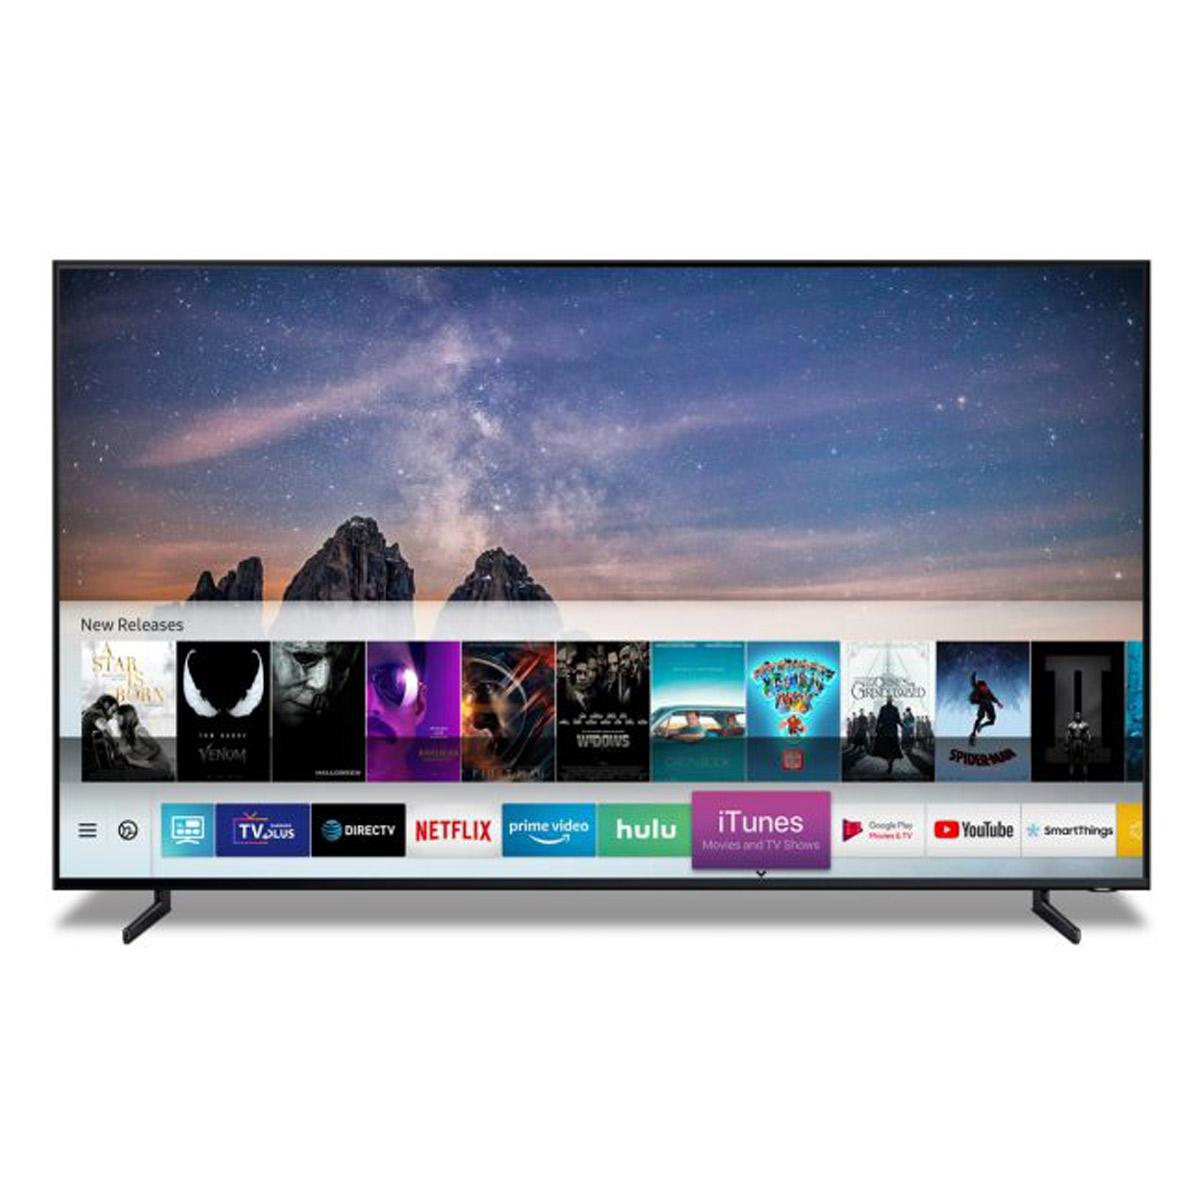 アップルがサムスンのスマートTVにiTunesアプリを提供へ